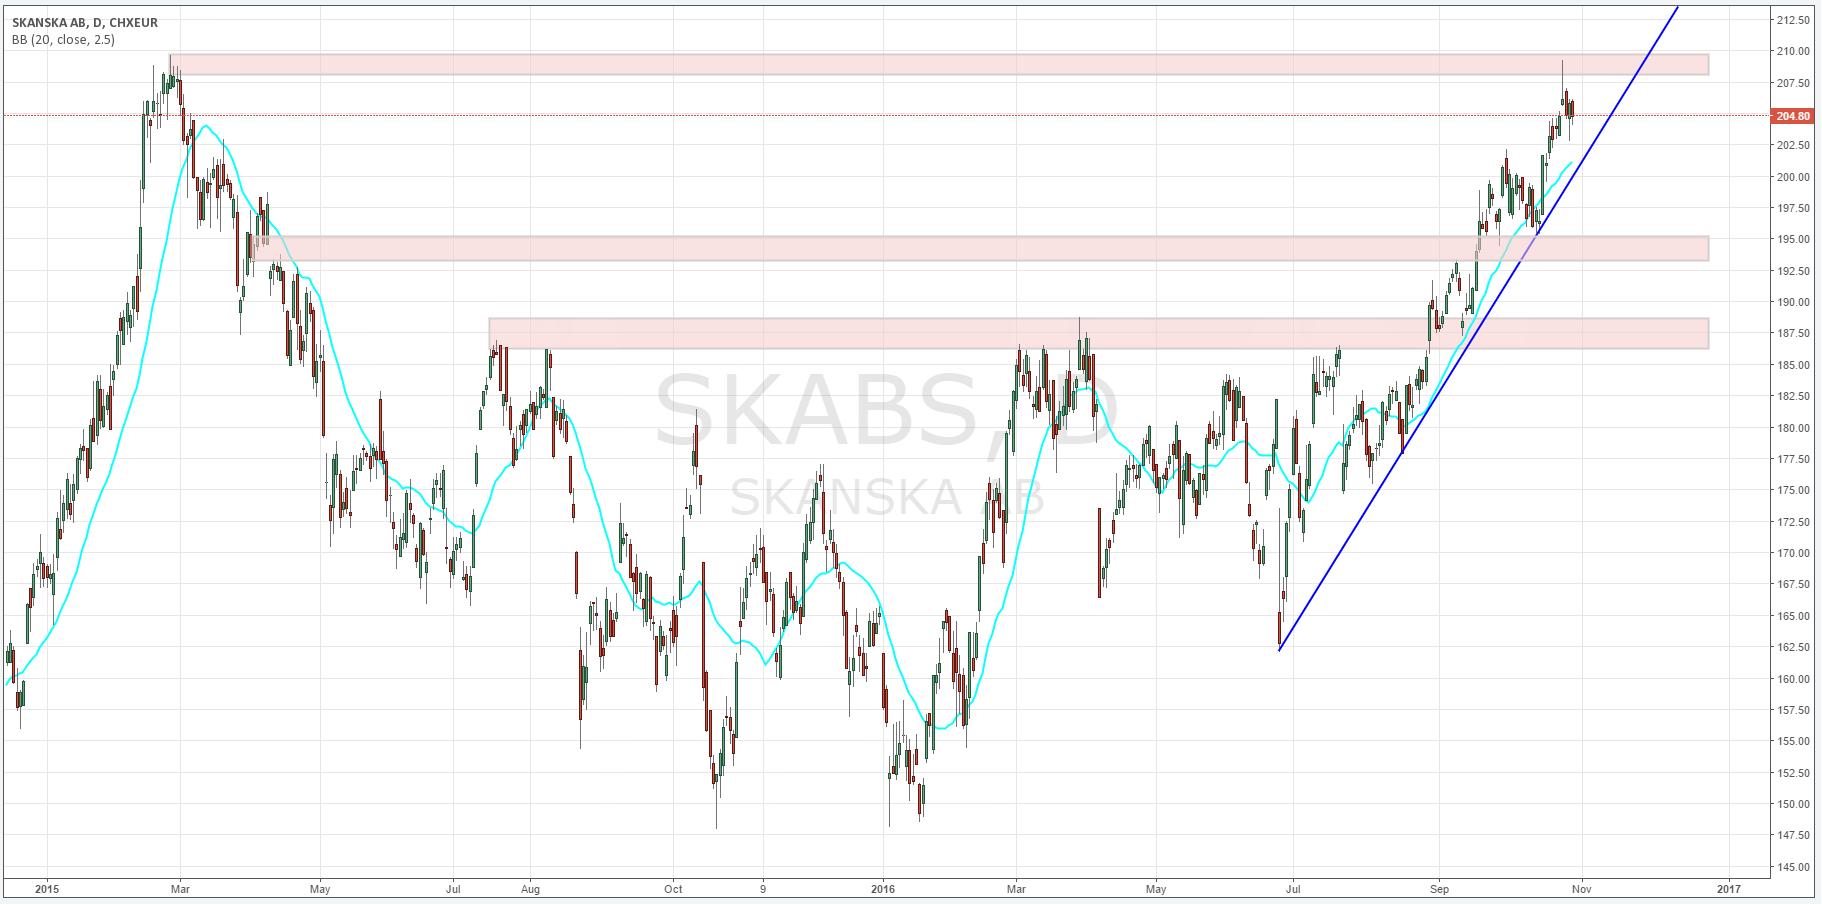 Wykres dzienny cen akcji SKANSKA AB | www.tradingview.com